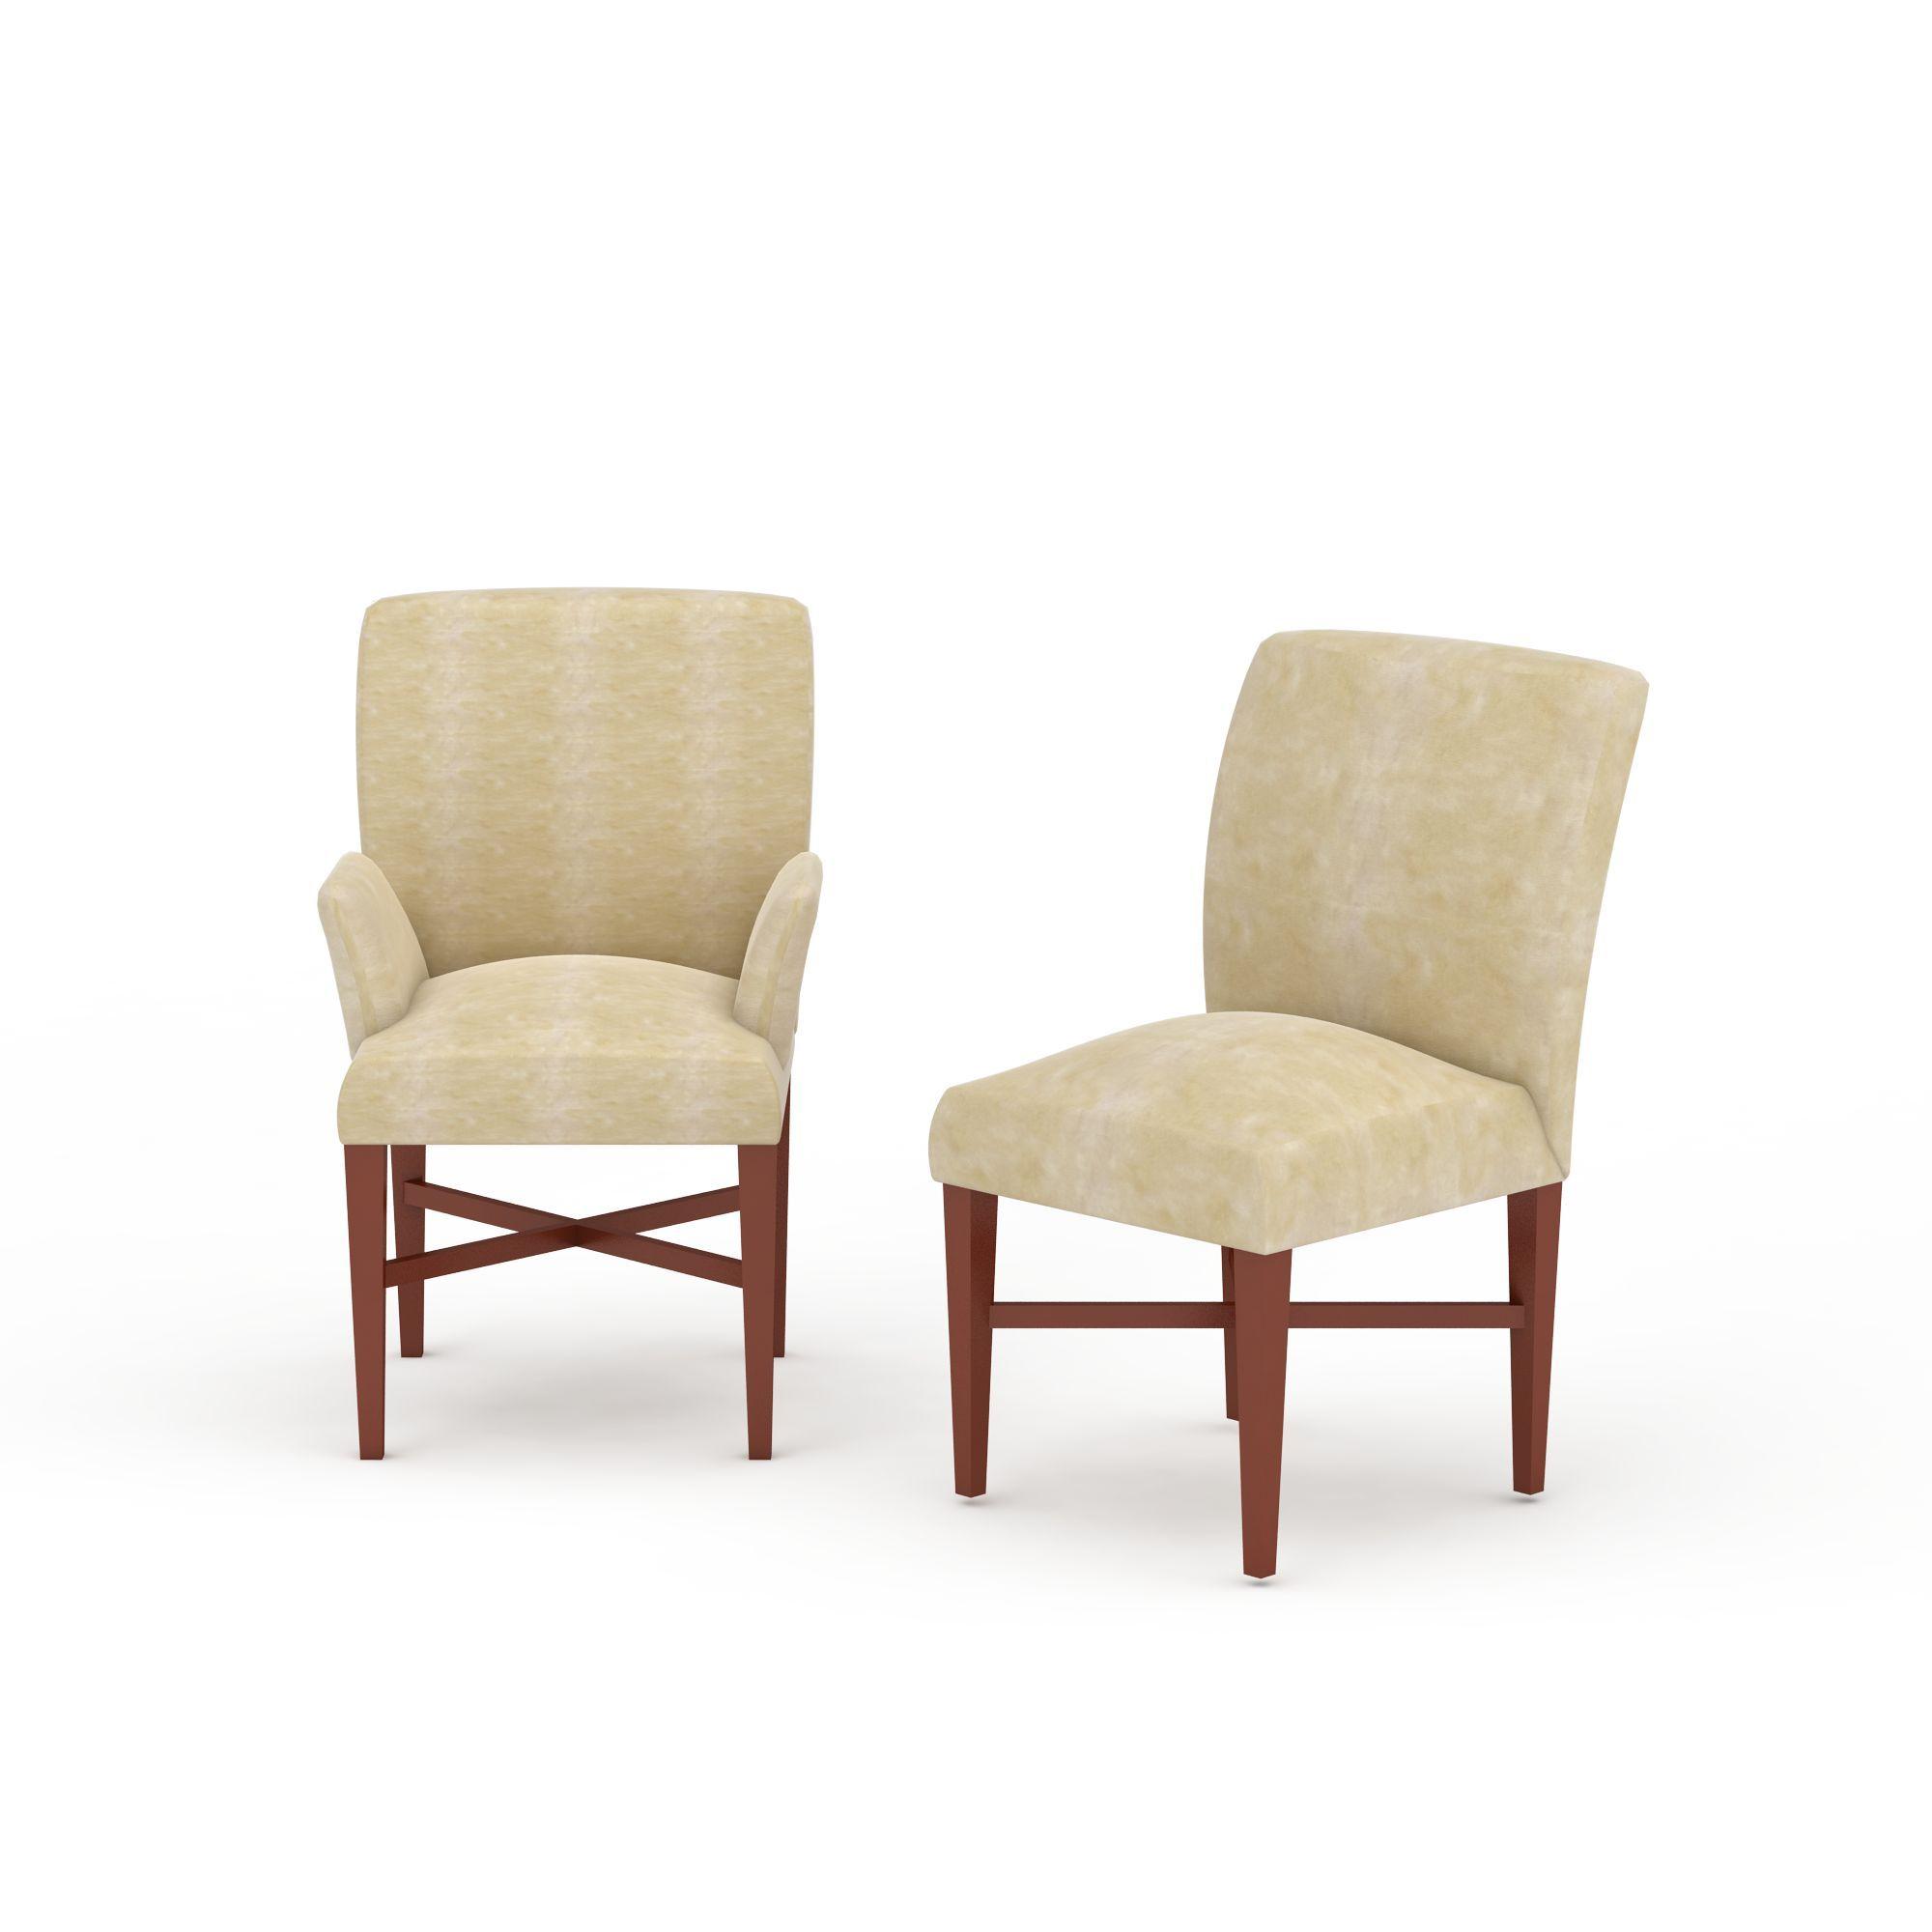 中式沙发椅子高清图下载图片